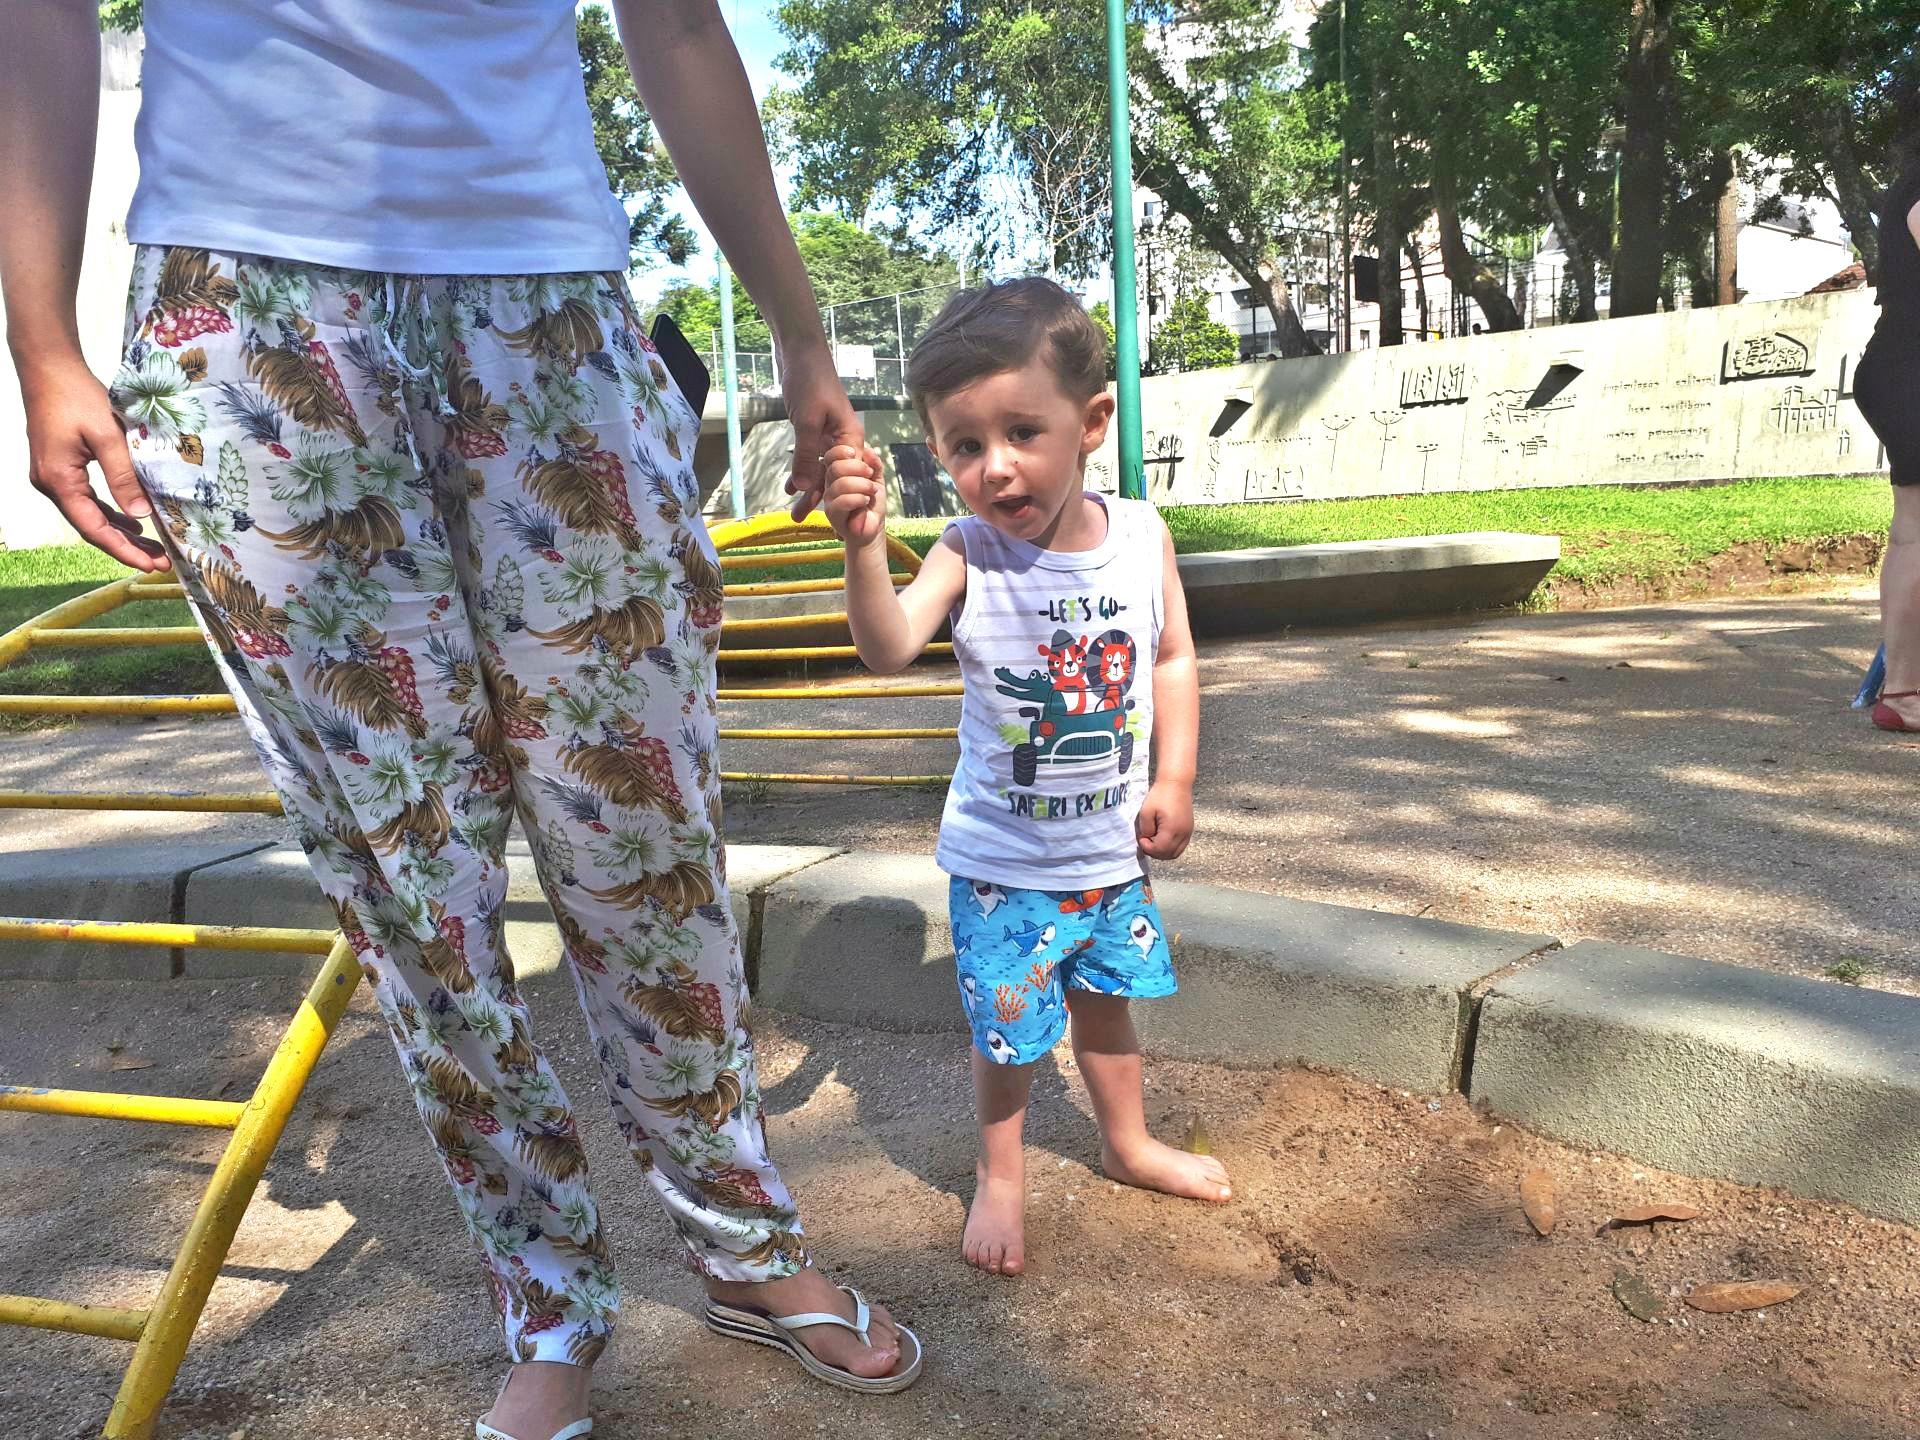 O pequeno João Pedro, de um ano e 11 meses, é frequentador assíduo da 29 de Março junto com a mãe, a farmacêutica Karine Gato. Foto: Carolina Werneck/Gazeta do Povo